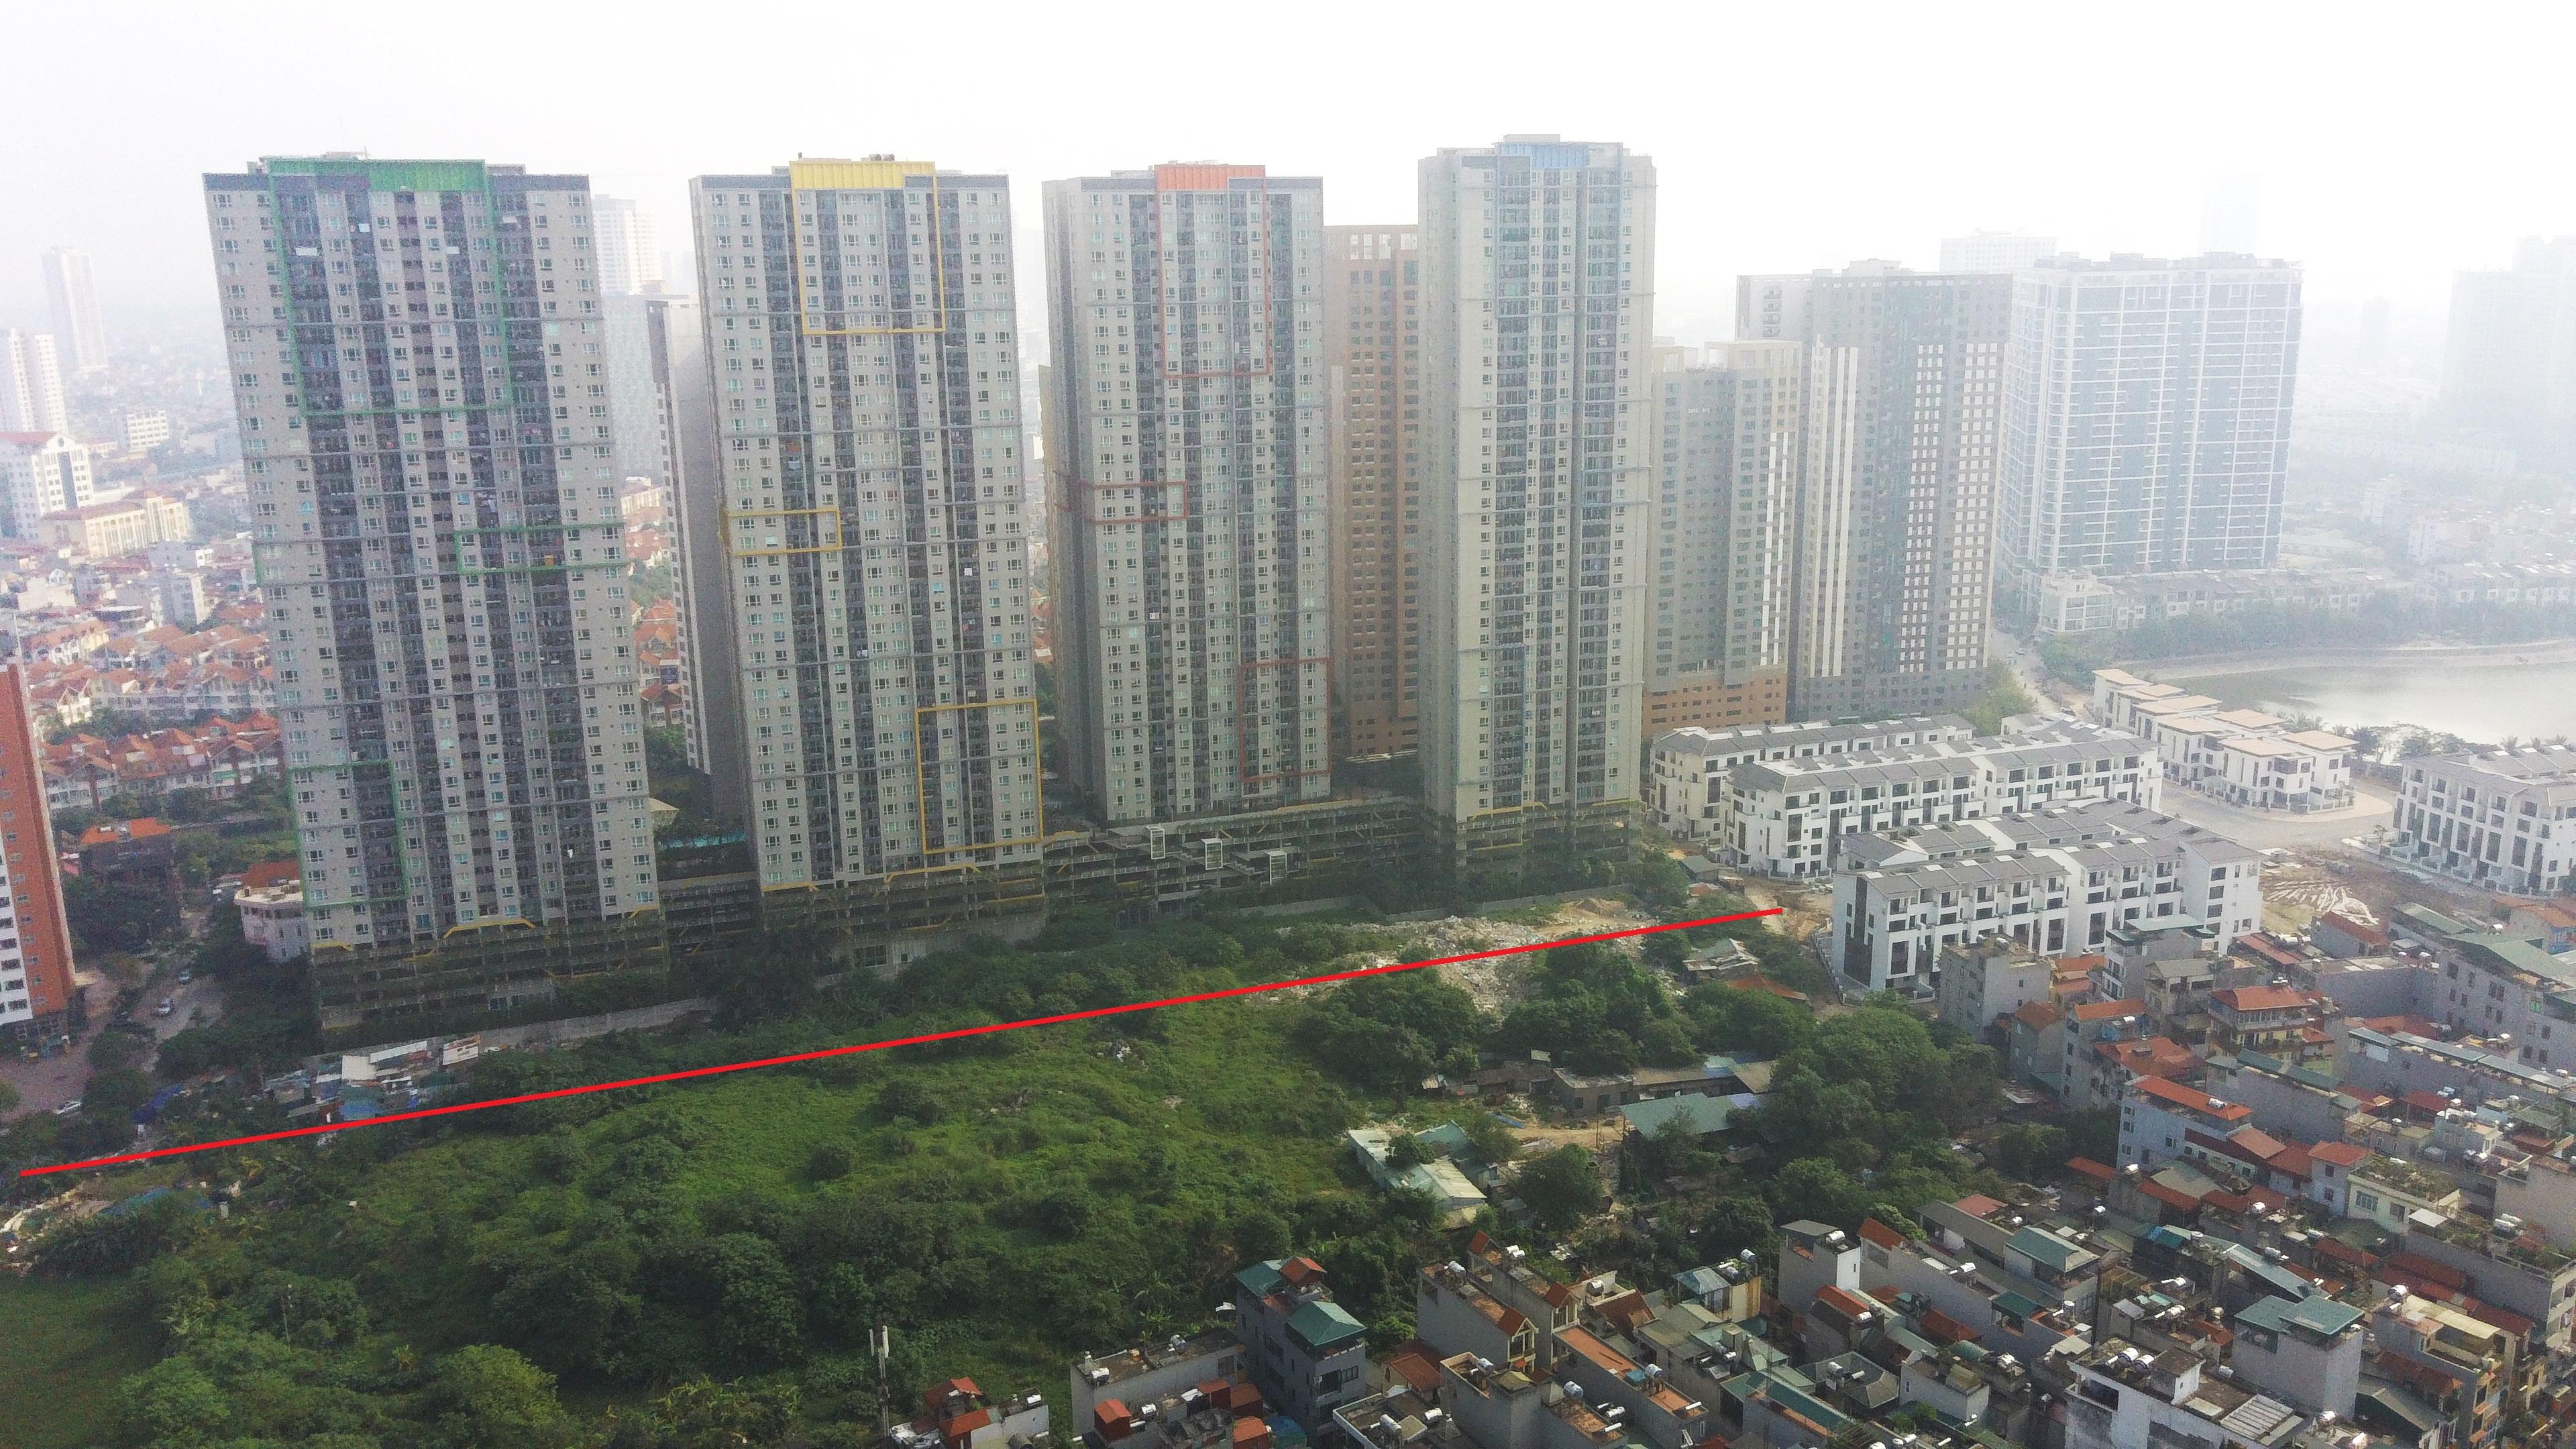 Qui hoạch sẽ 'đưa' hàng loạt chung cư ra đường lớn ở phường Trung Văn - Ảnh 7.